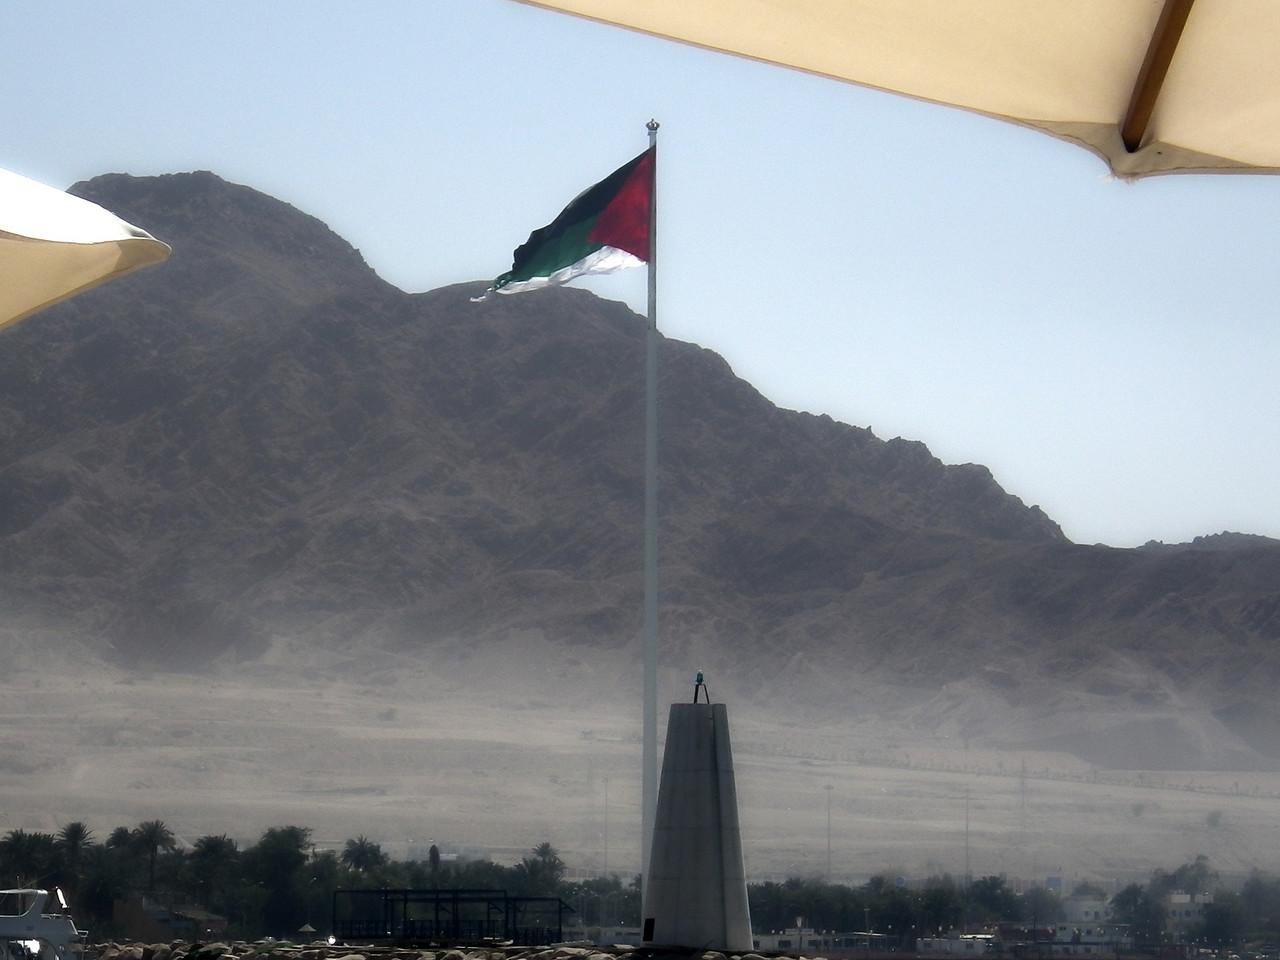 Världens näst högsta flaggstång, Aquaba:s flagga